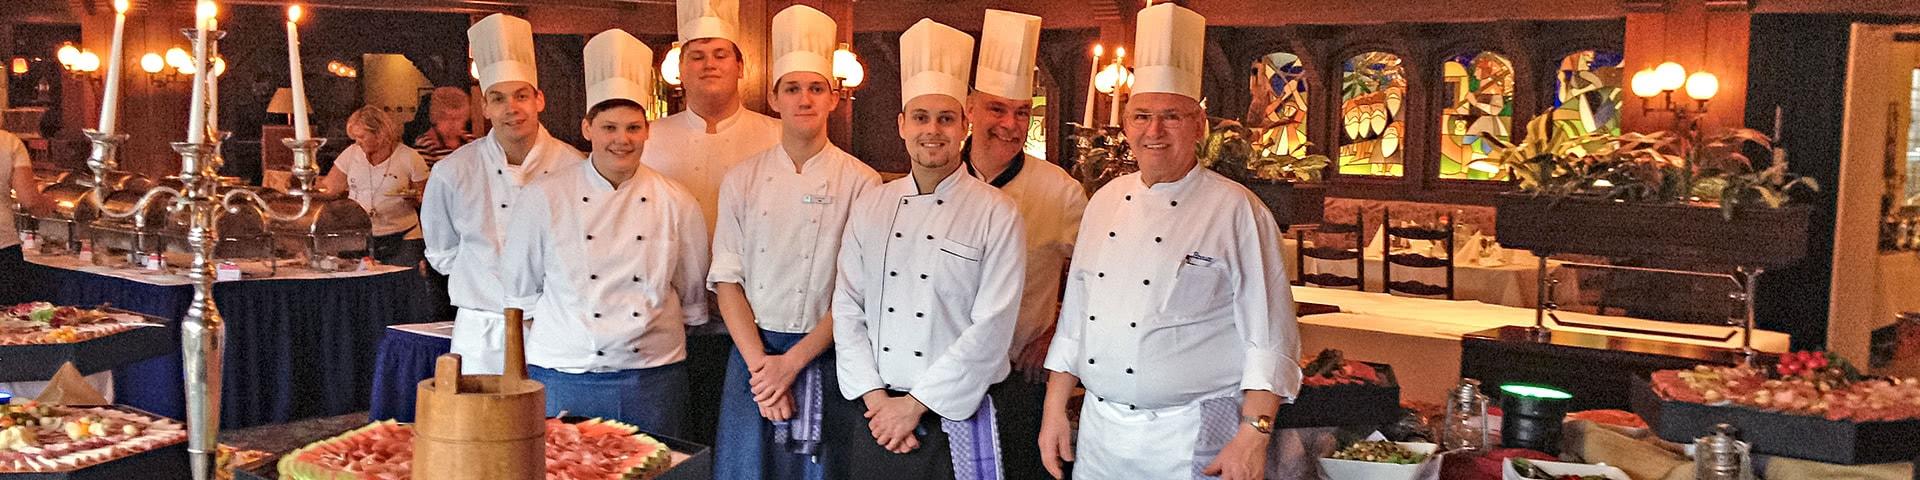 Sieben Köche stehen hinter einem großen Buffet am Blueberry Hill